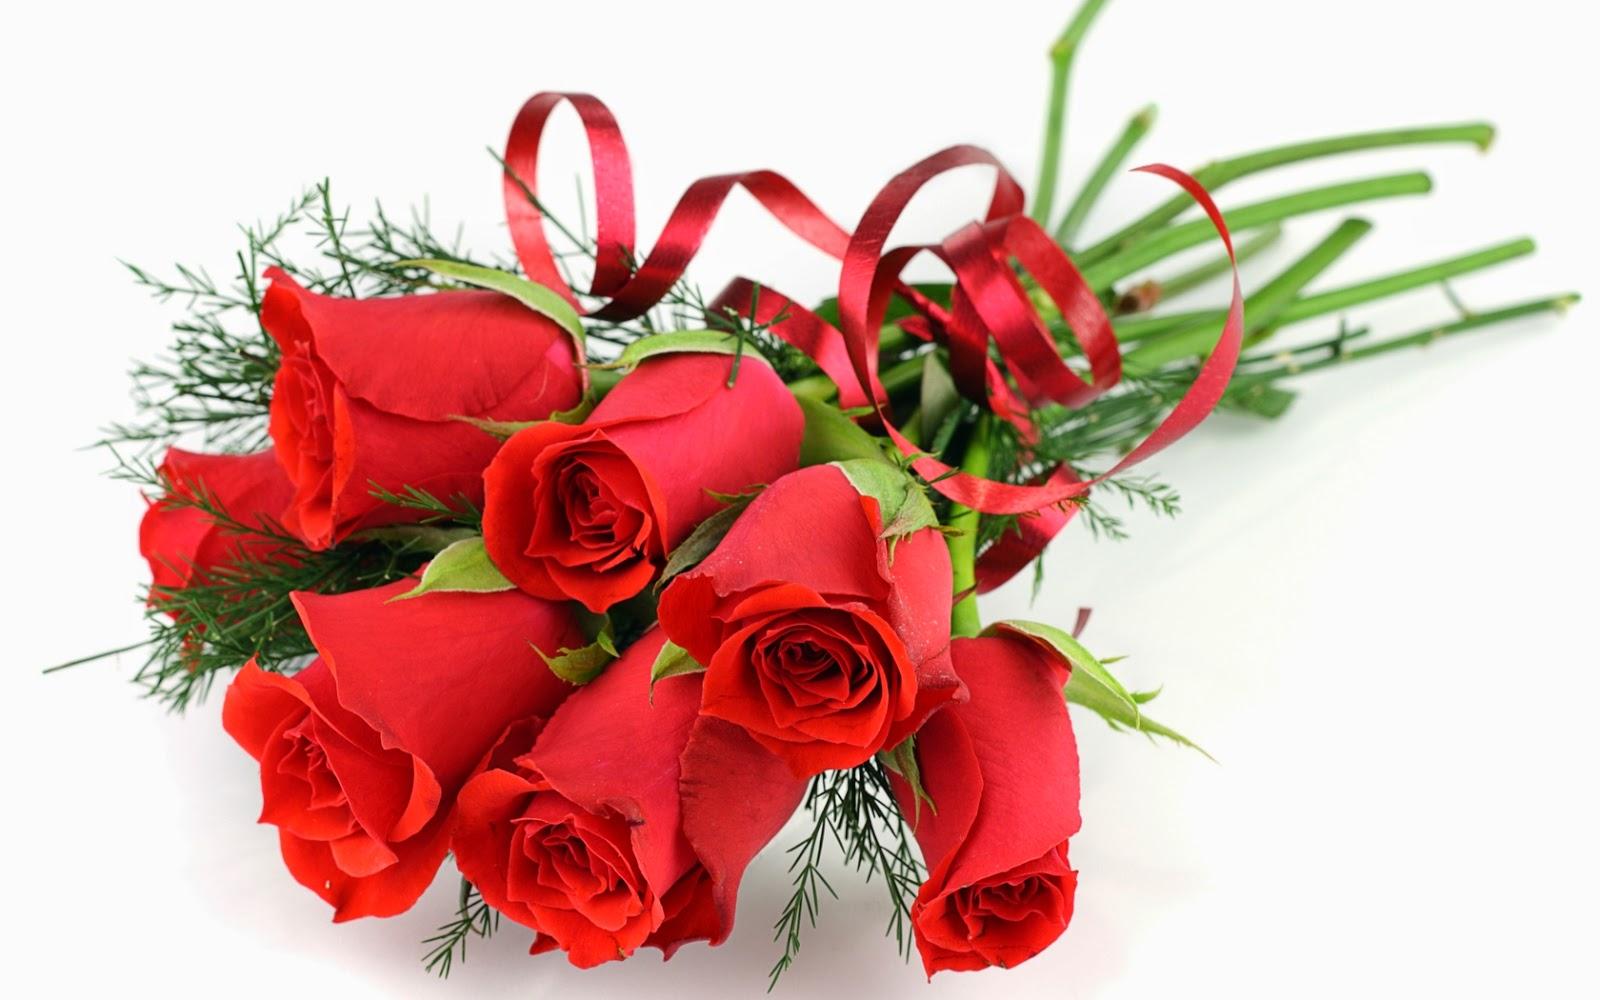 بالصور اجمل الورود الرومانسية , احلى وارق الورود الرومانسية 11681 5